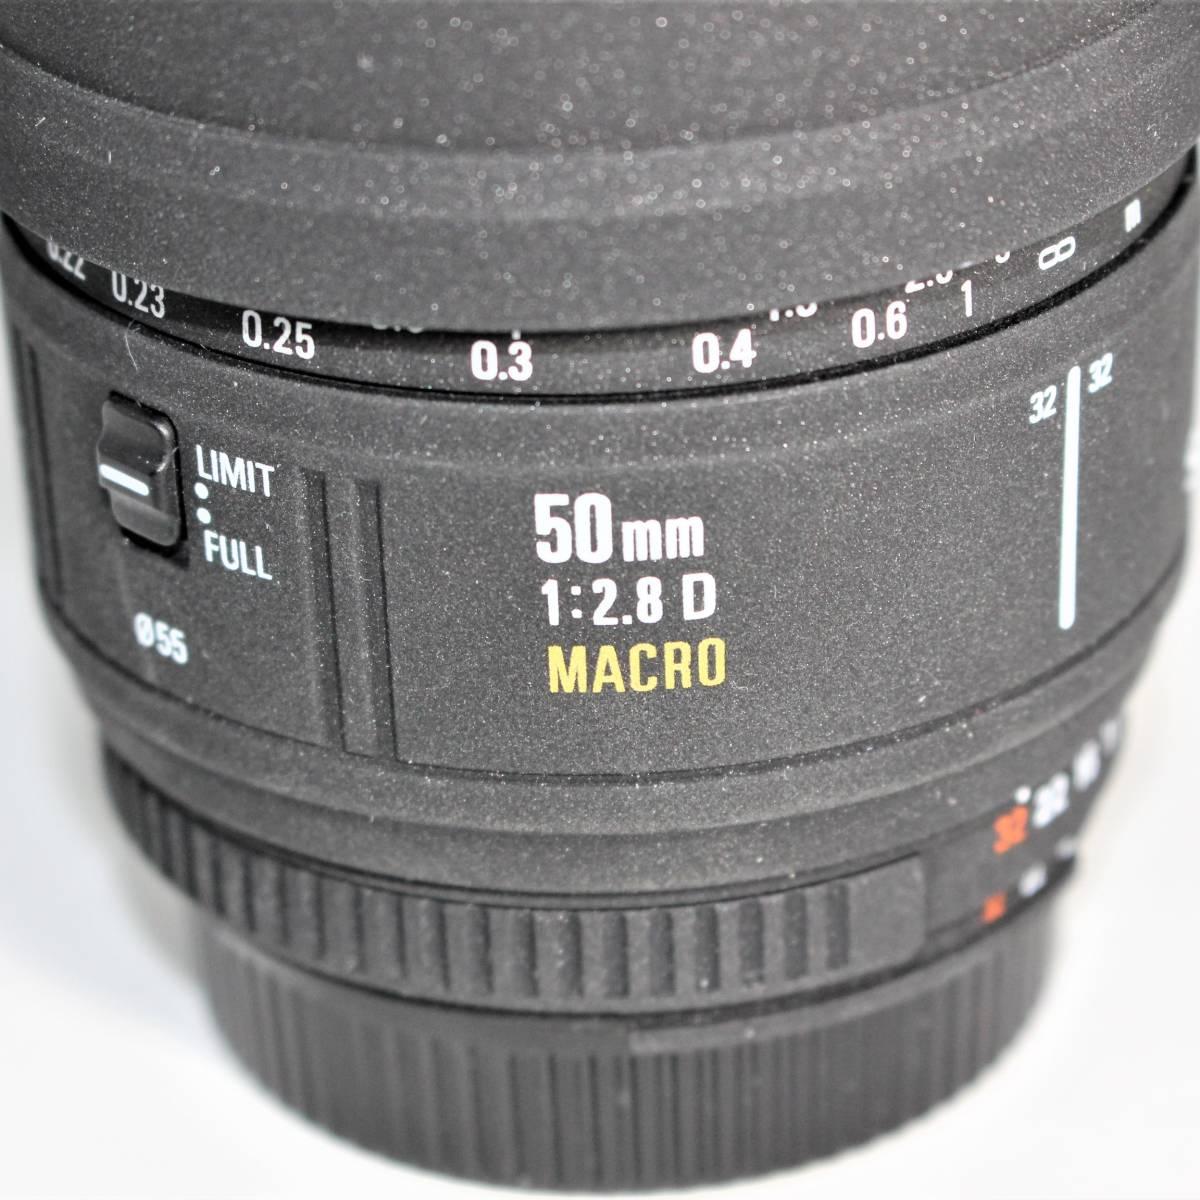 シグマ AF 50mm F2.8 D EX MACRO ニコン用_画像9